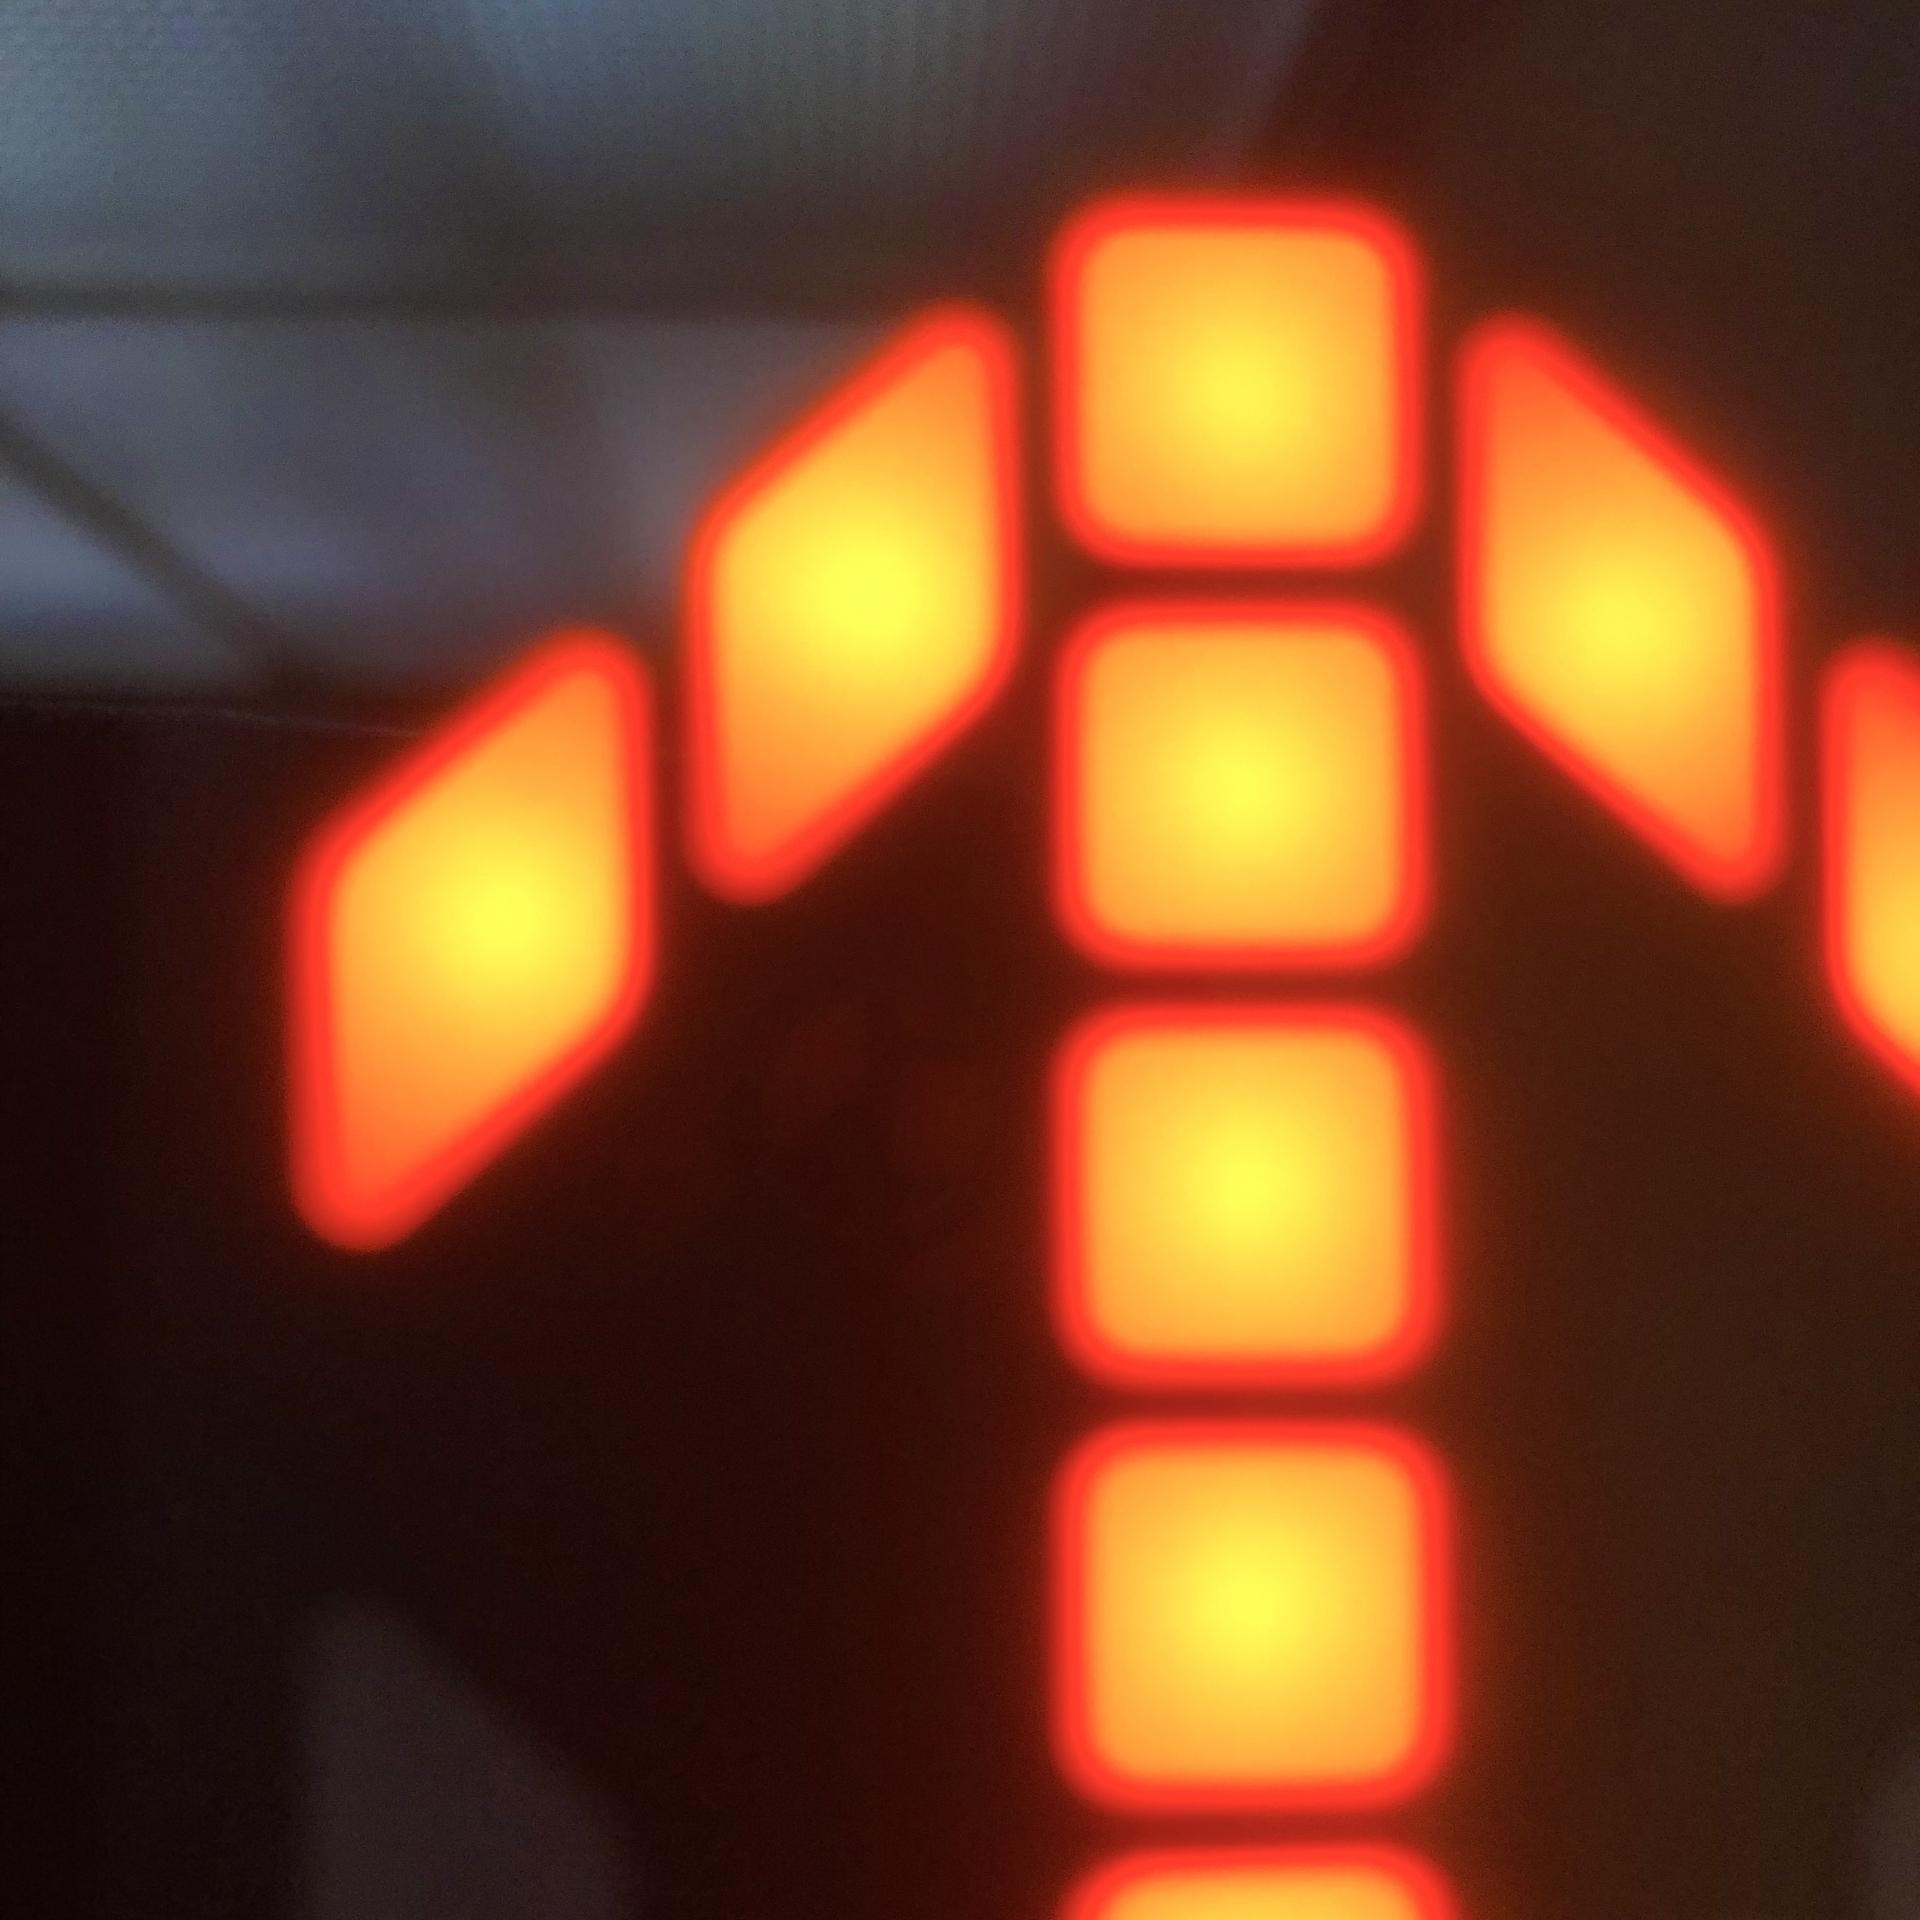 エレベーターの階数ボタン押し間違いをキャンセルする方法 コマンド